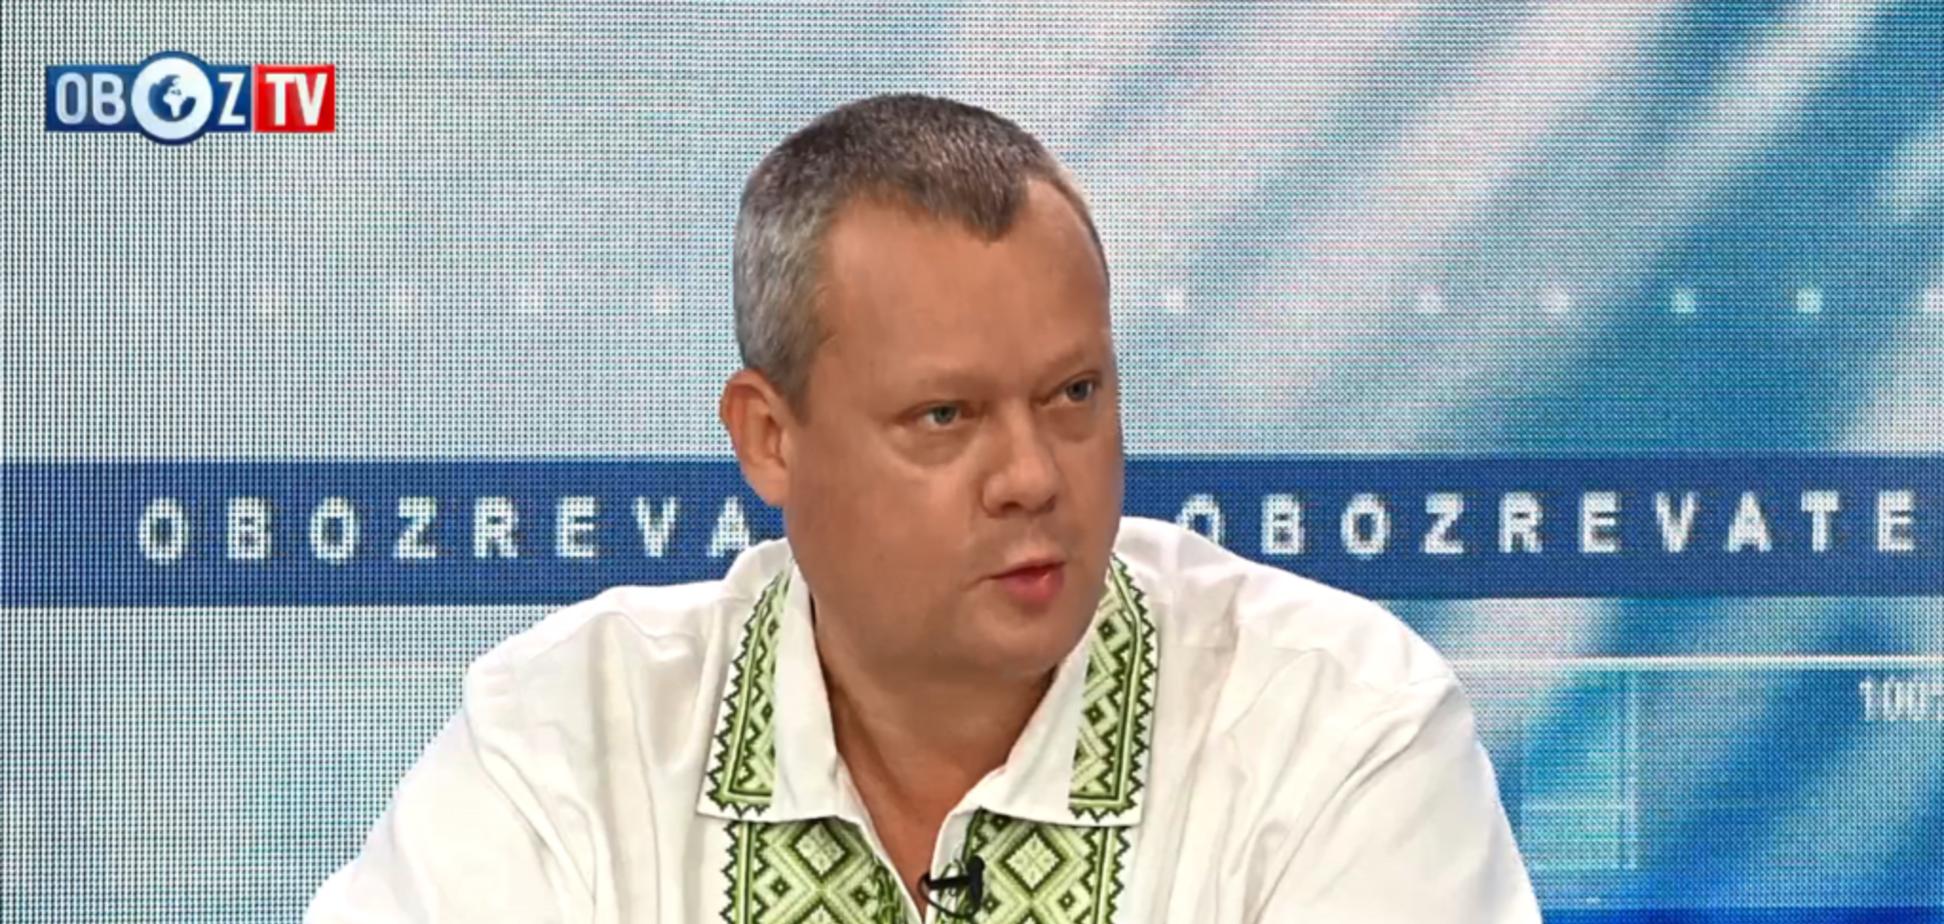 'Россия может пойти на вторжение': журналист заявил об угрозе для Донбасса